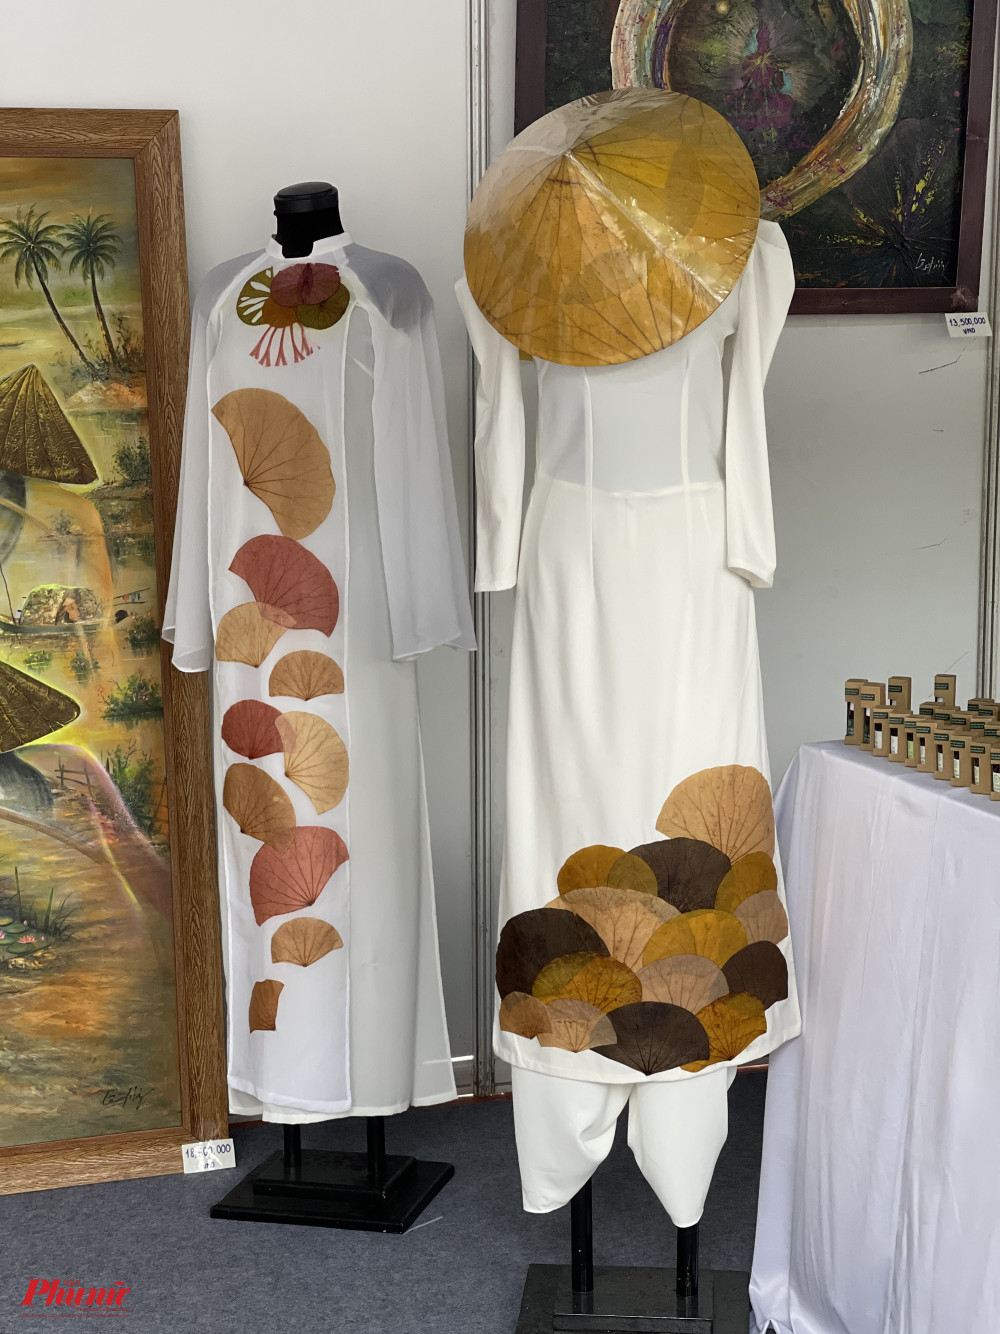 Áo dài đính lá sen được trưng bày trong khuôn khổ lễ hội.